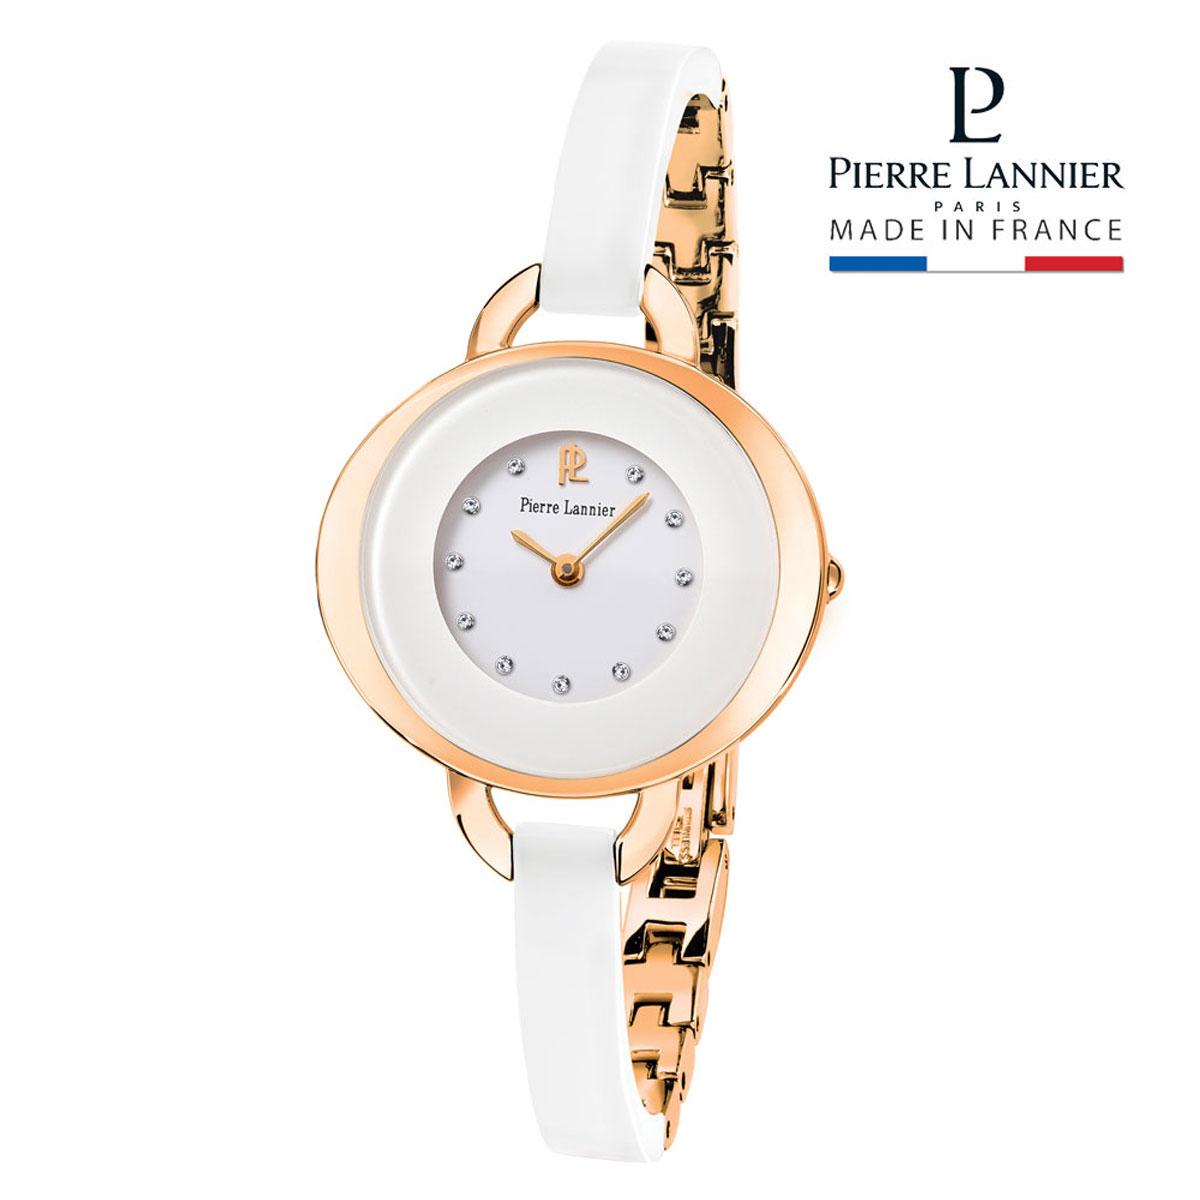 ピエールラニエ レディセラミックウォッチ ピンクゴールド レディース 腕時計 バングル型 セラミック 楕円型 防水P090F900